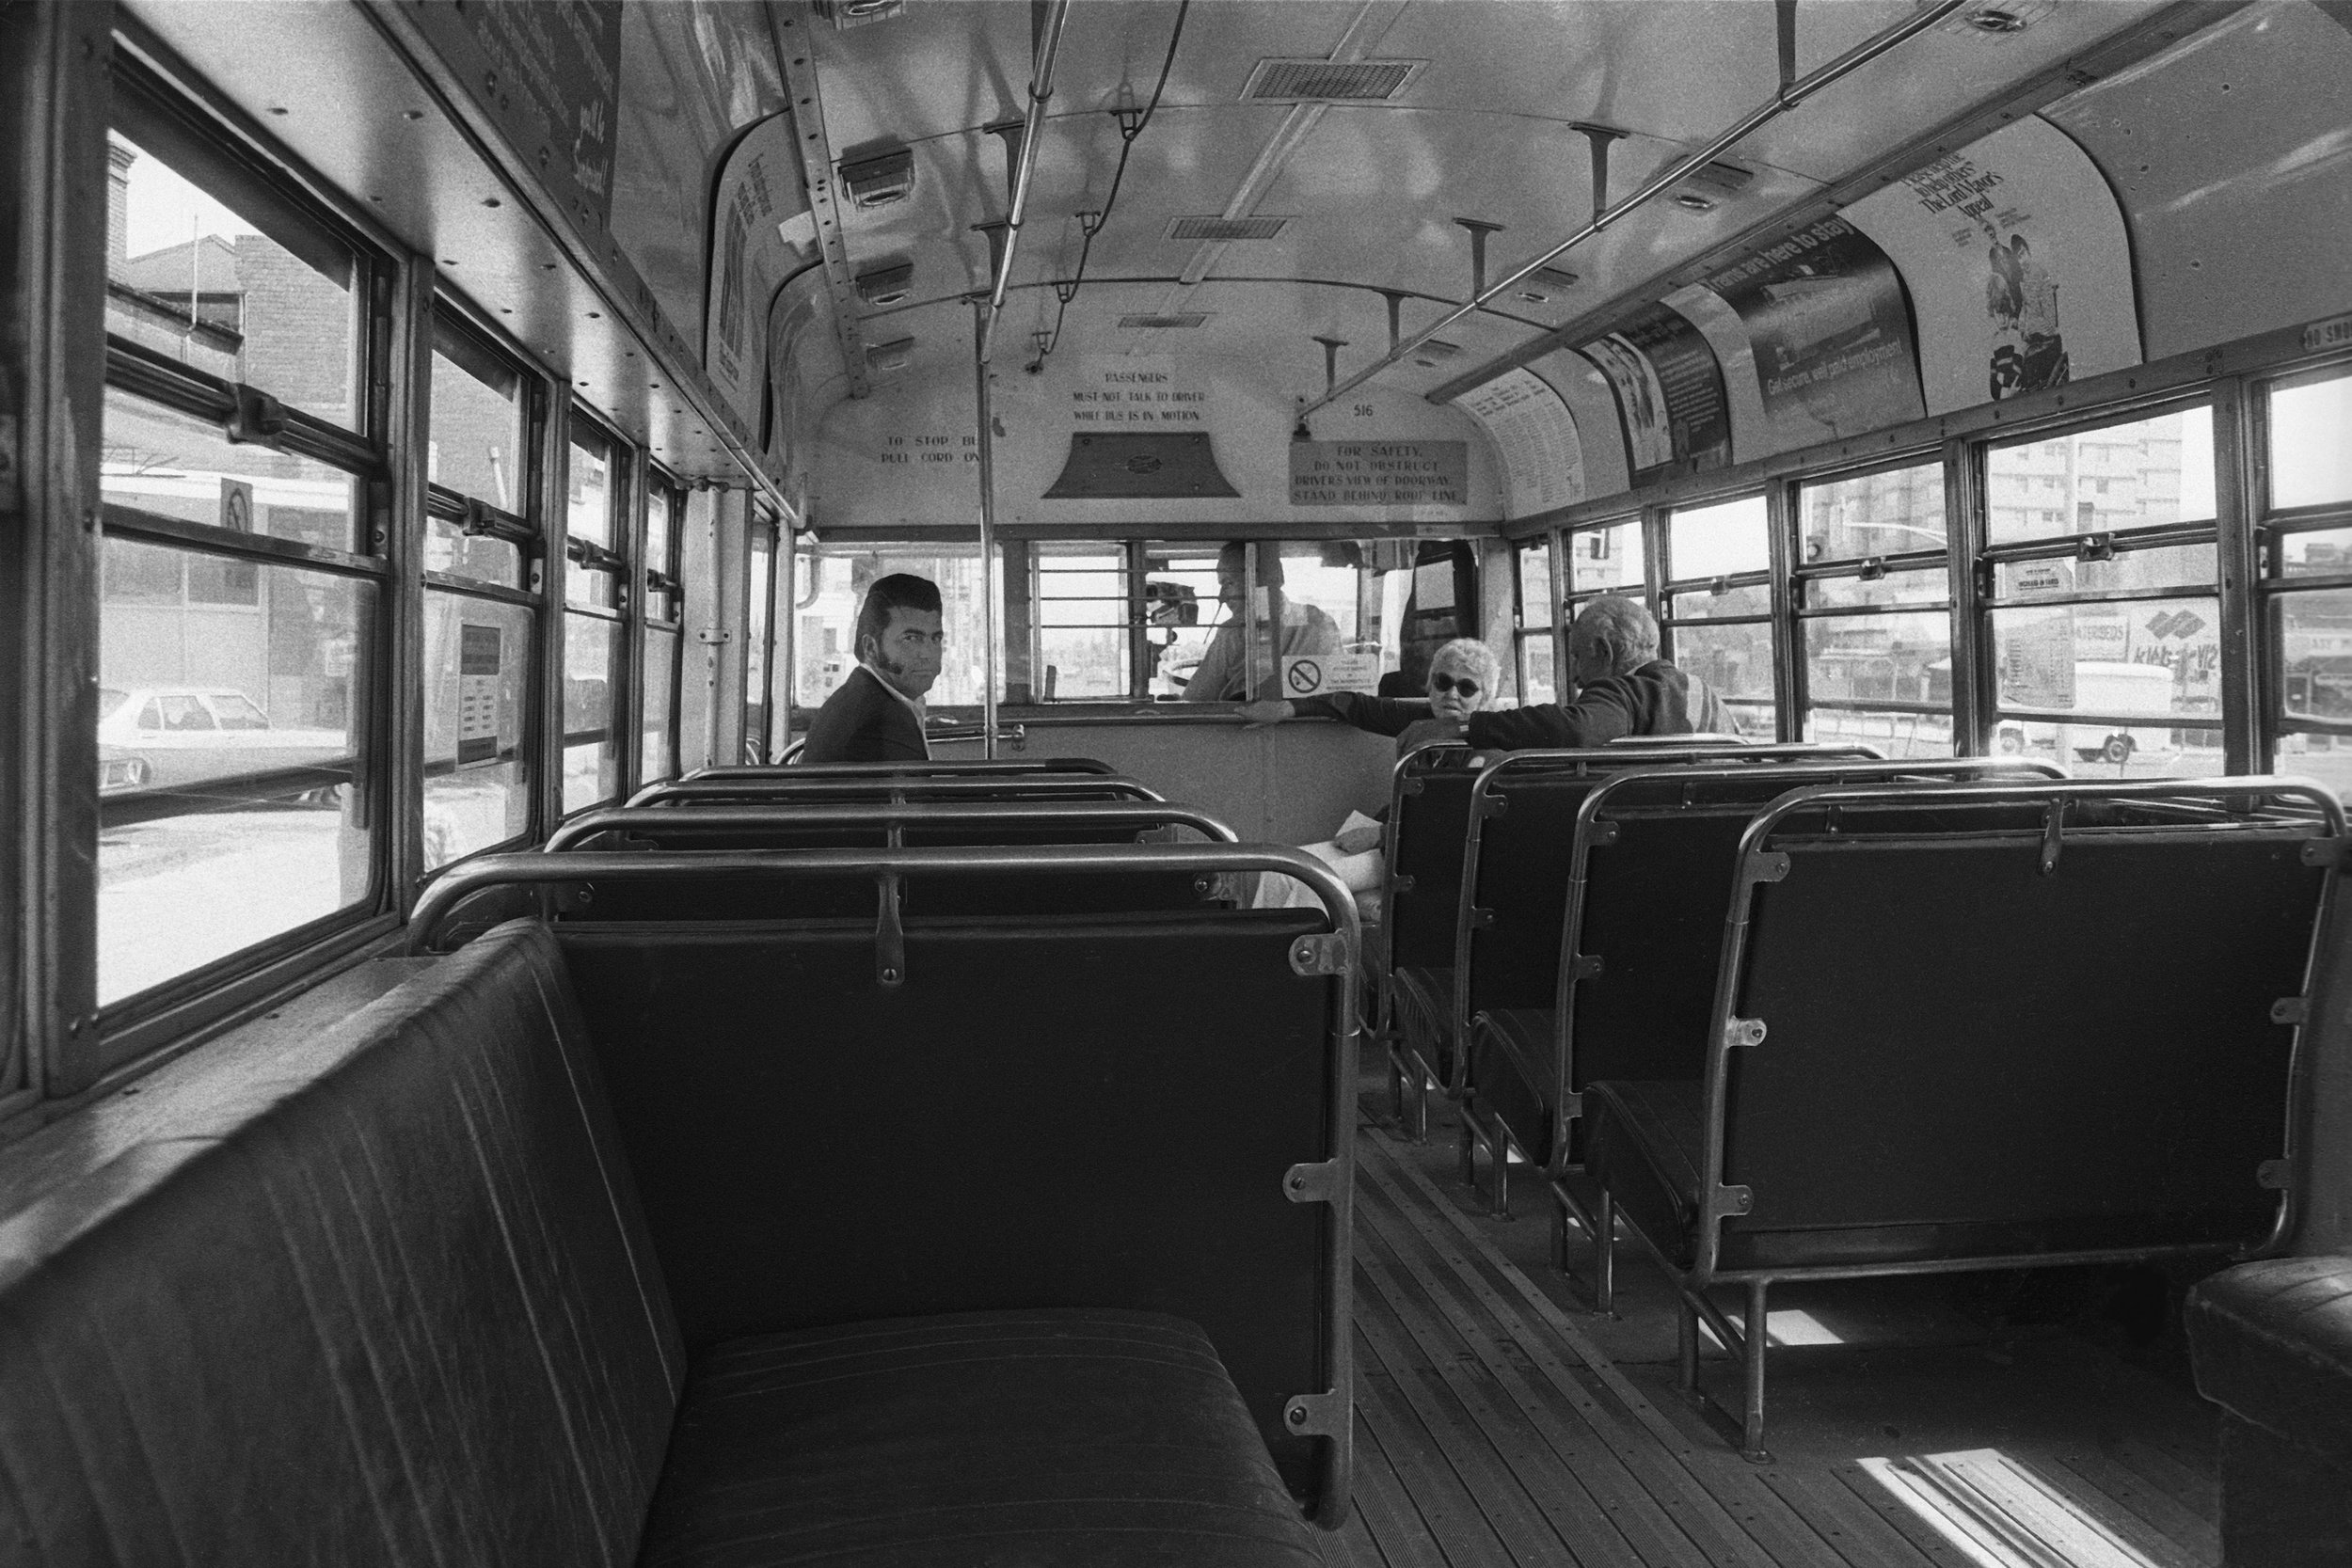 David Wadelton, Bus on Hoddle Street Collingwood, 1976